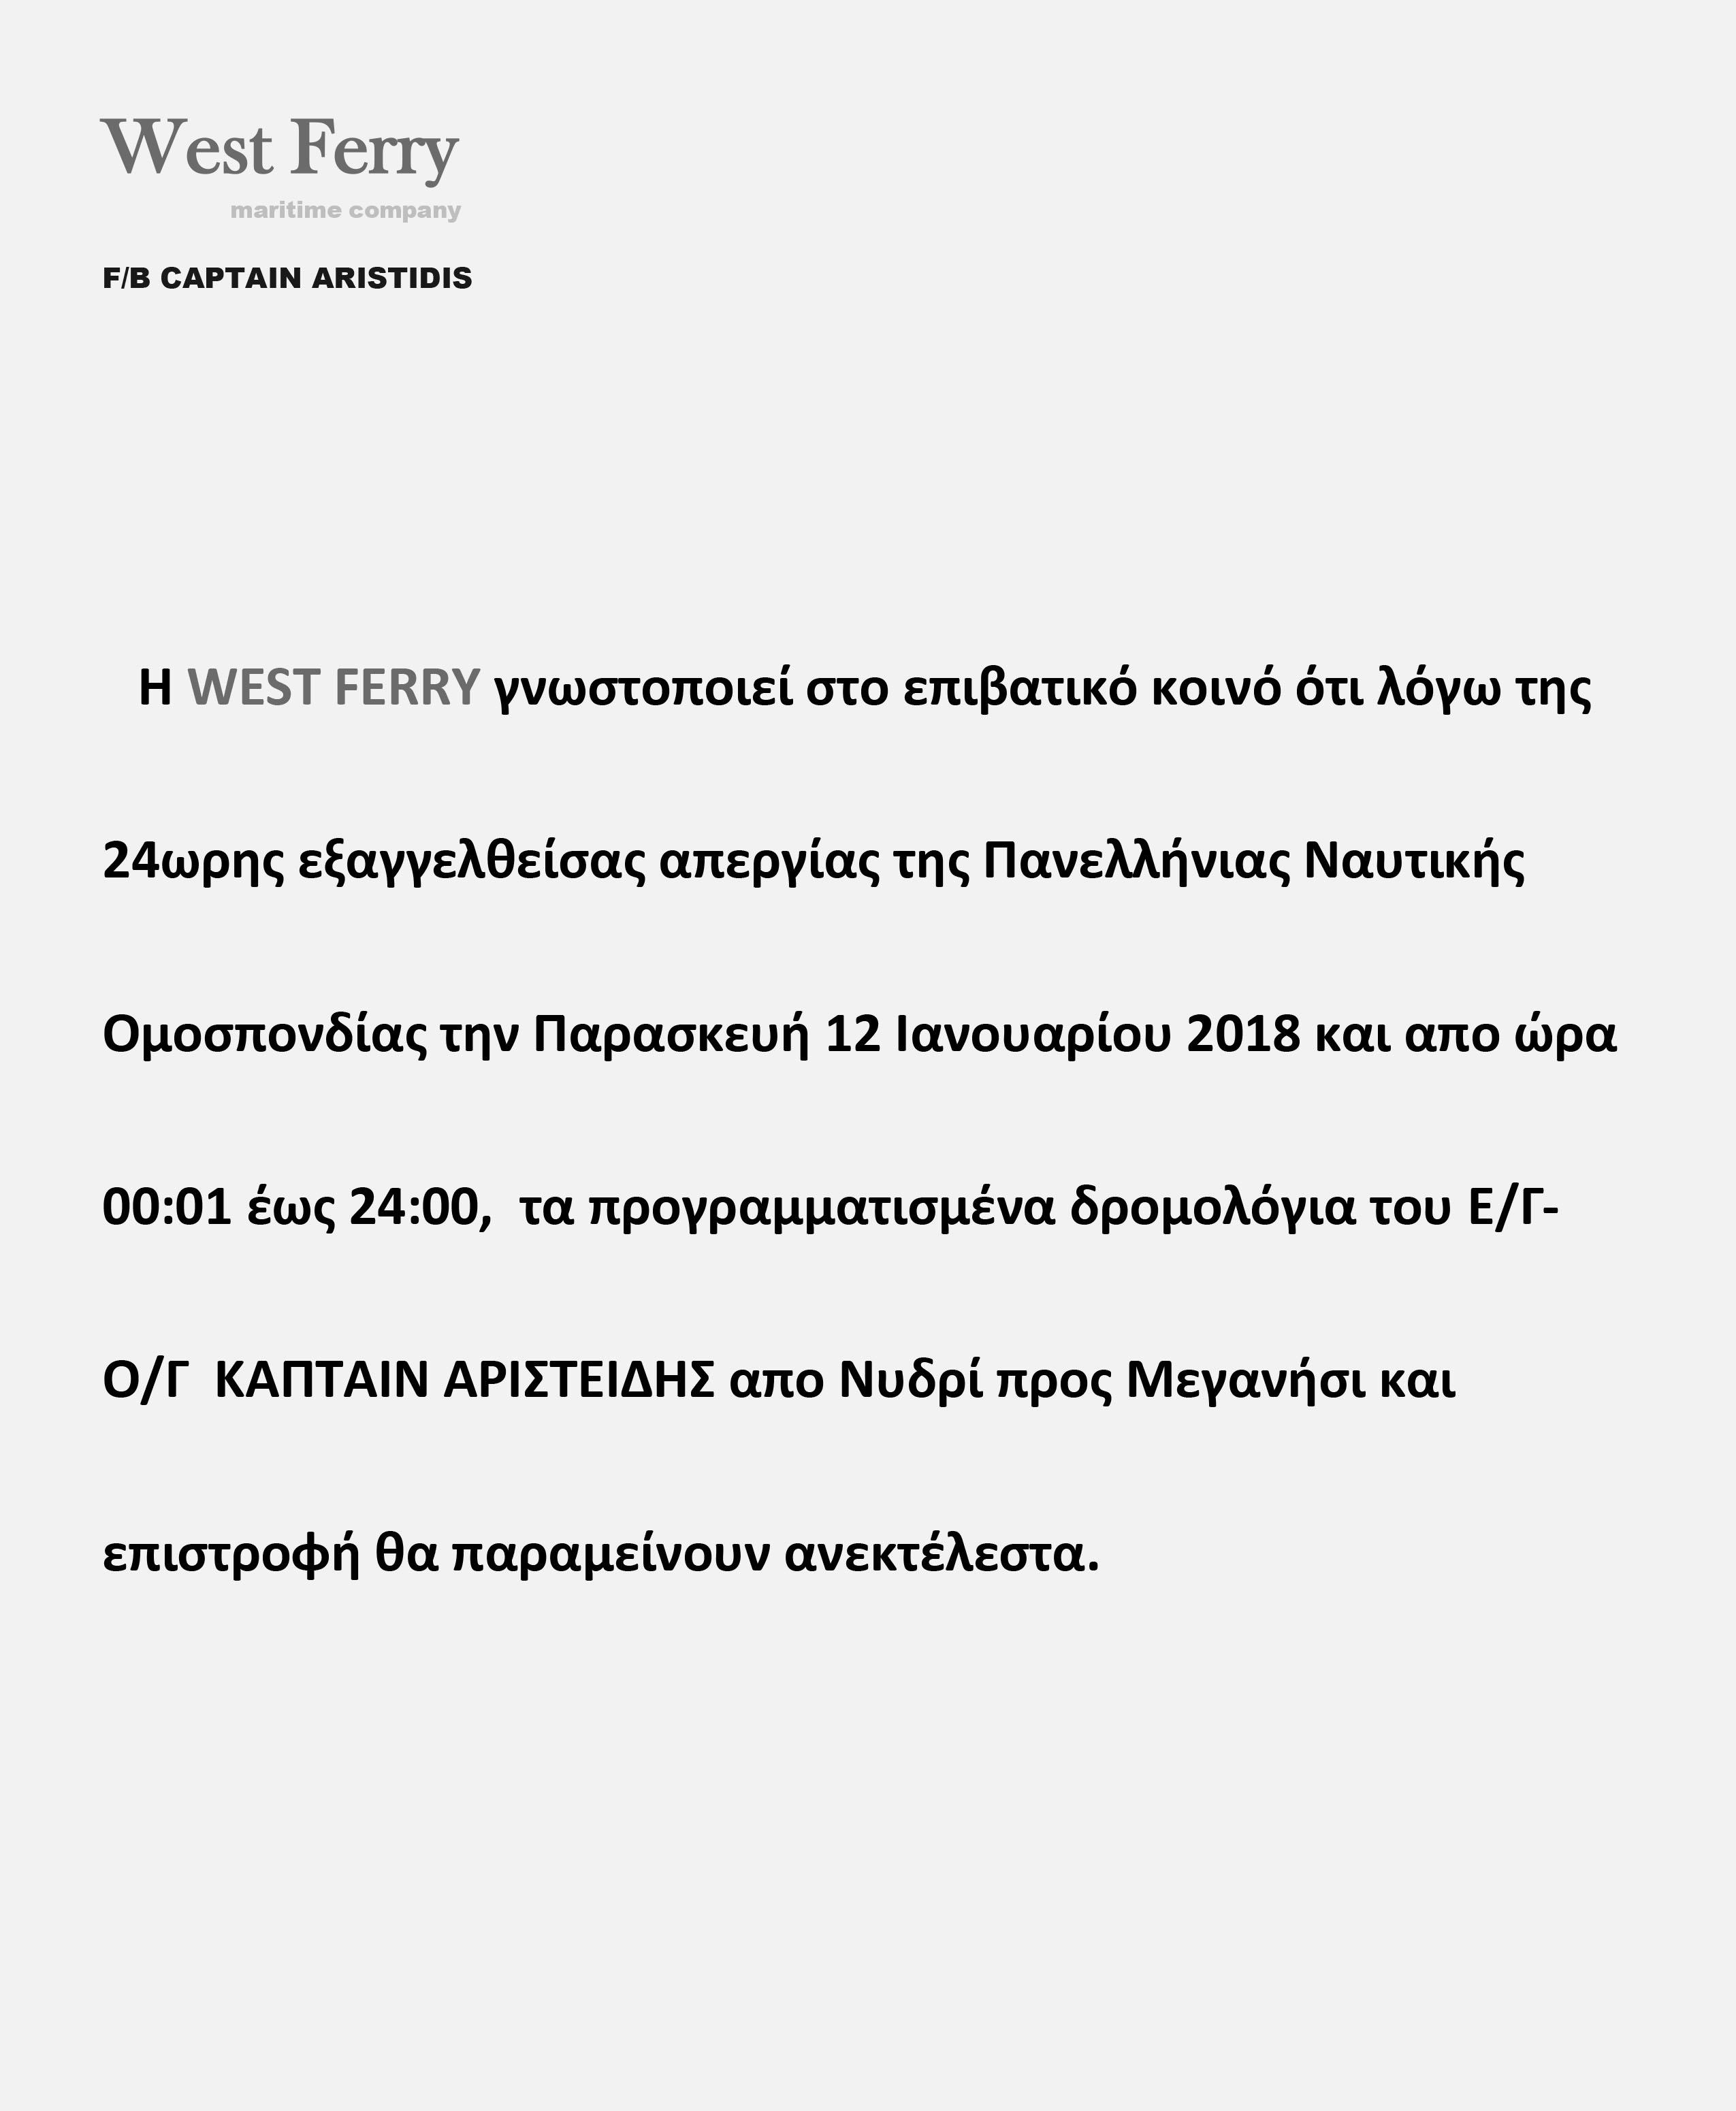 Απεργία Κάπτεν Αριστείδης 12. 1. 18